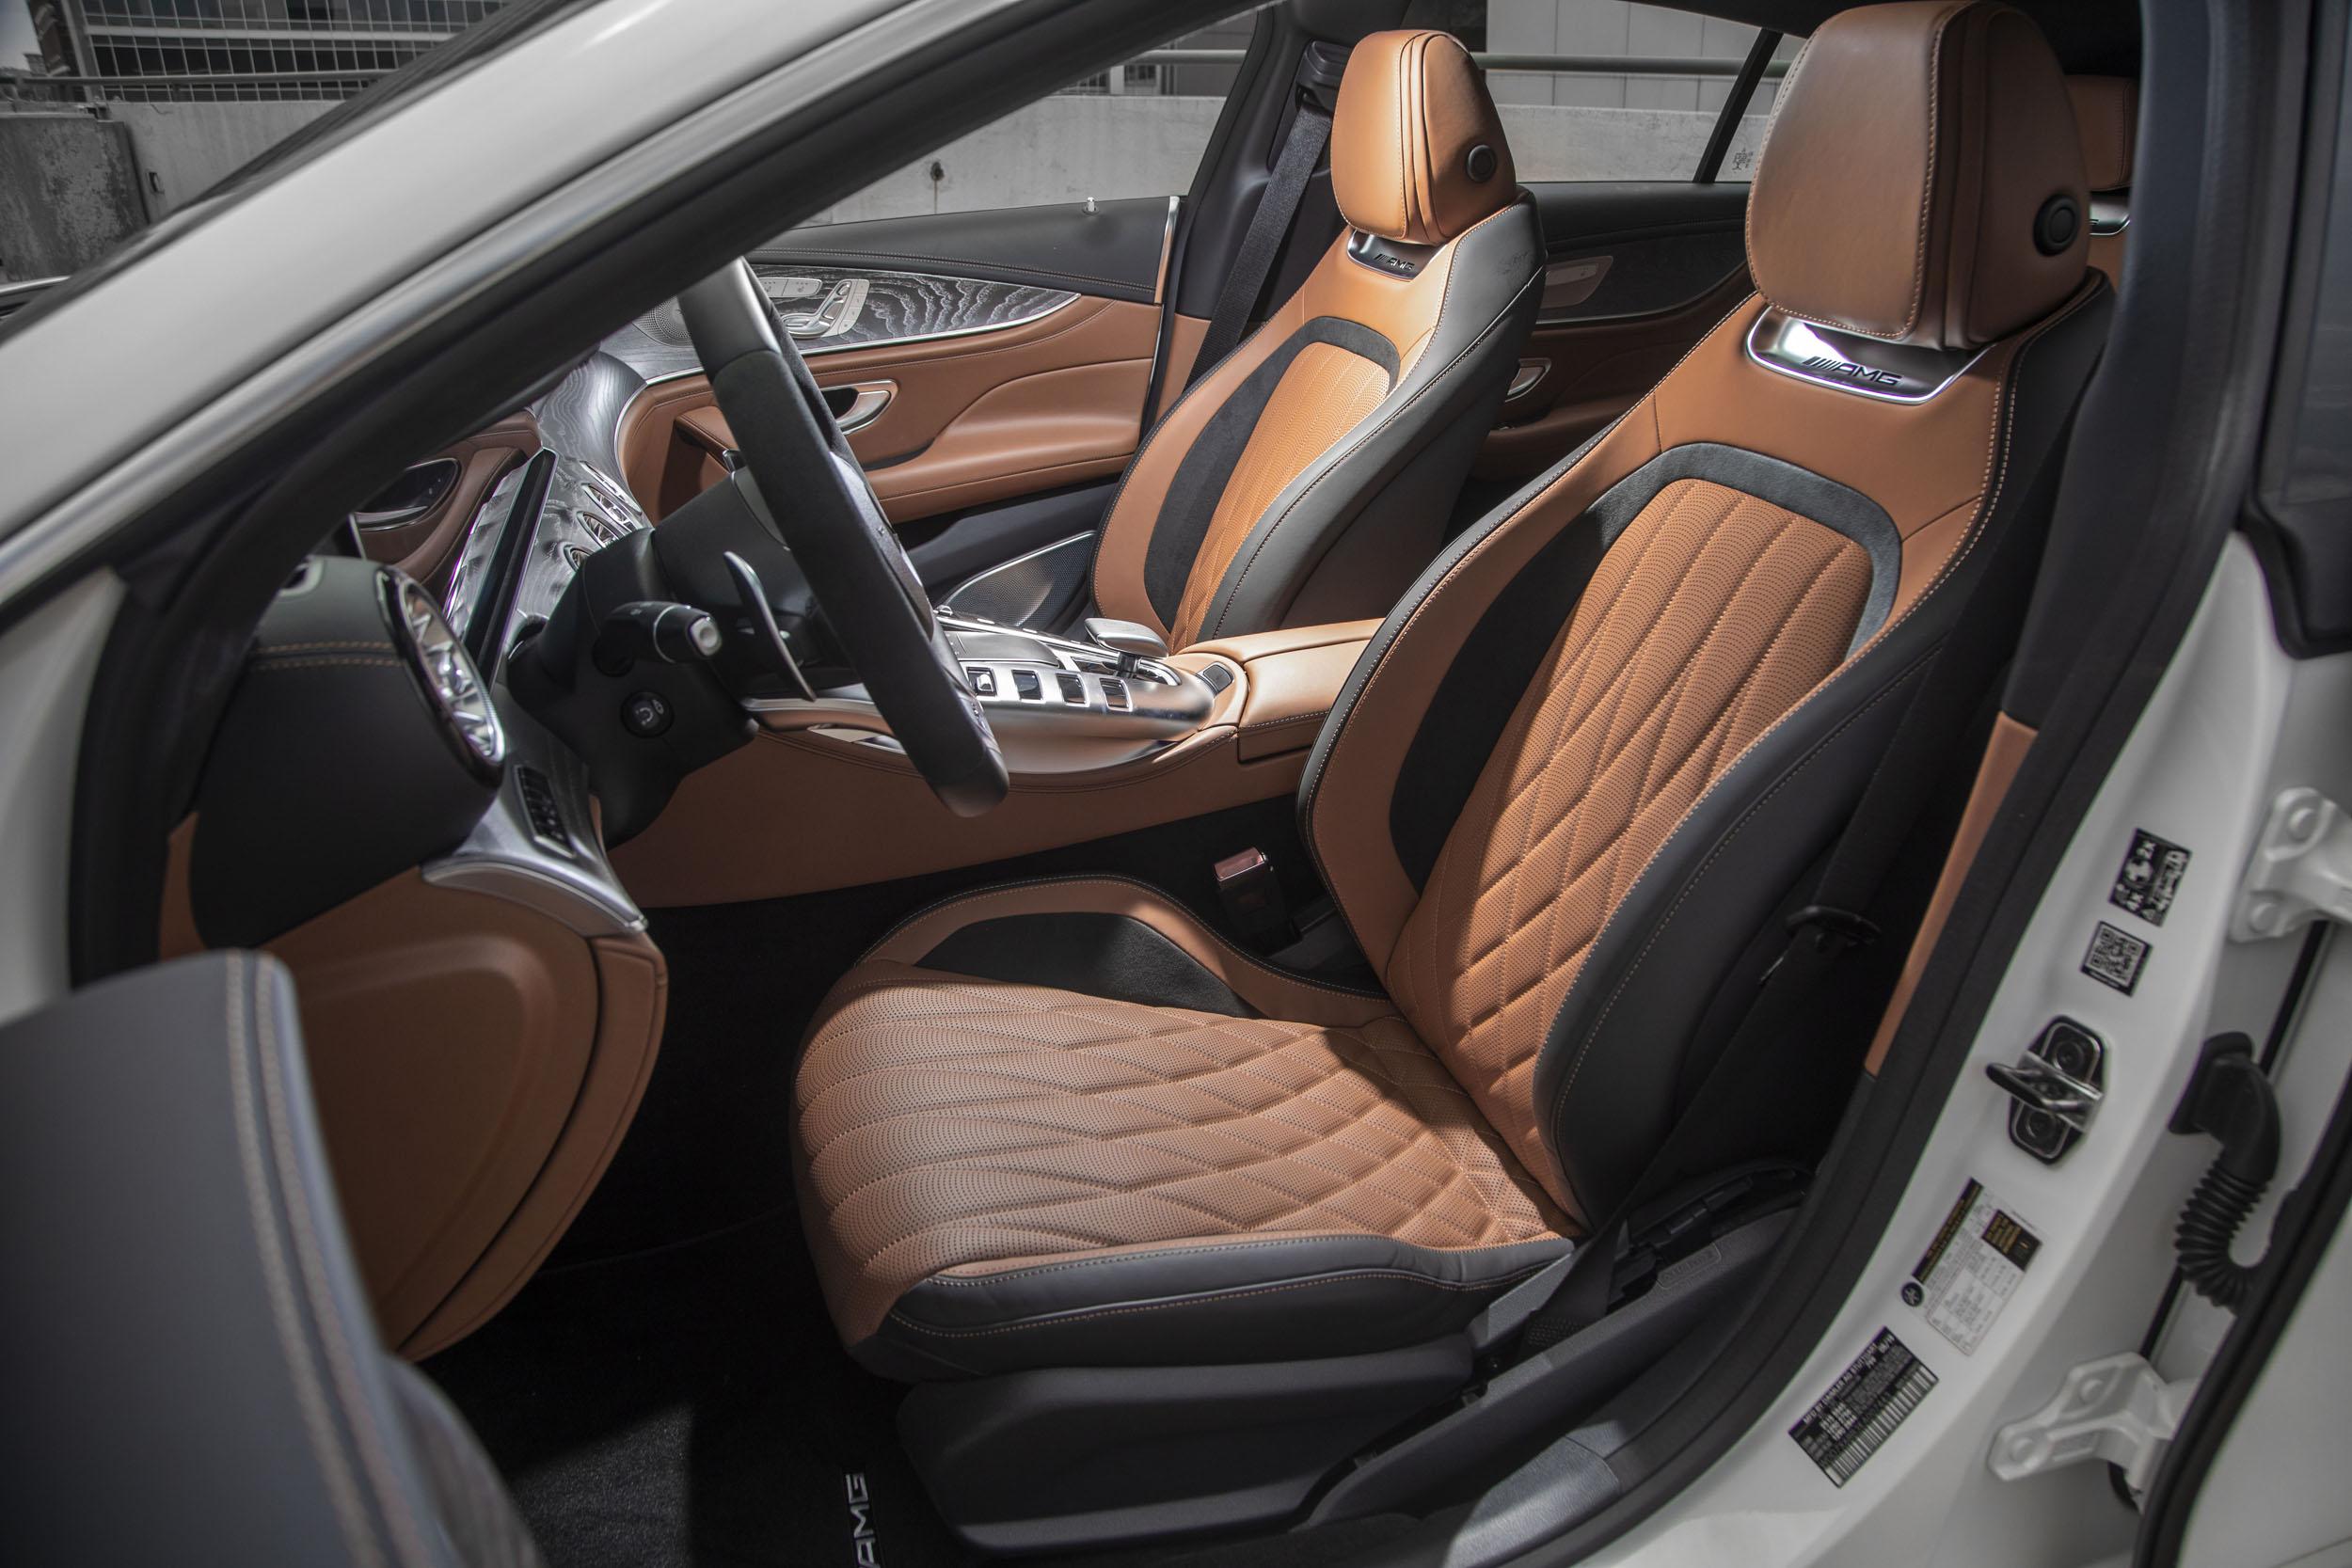 2021 Mercedes-AMG GT 43 4-Door Coupe (3)